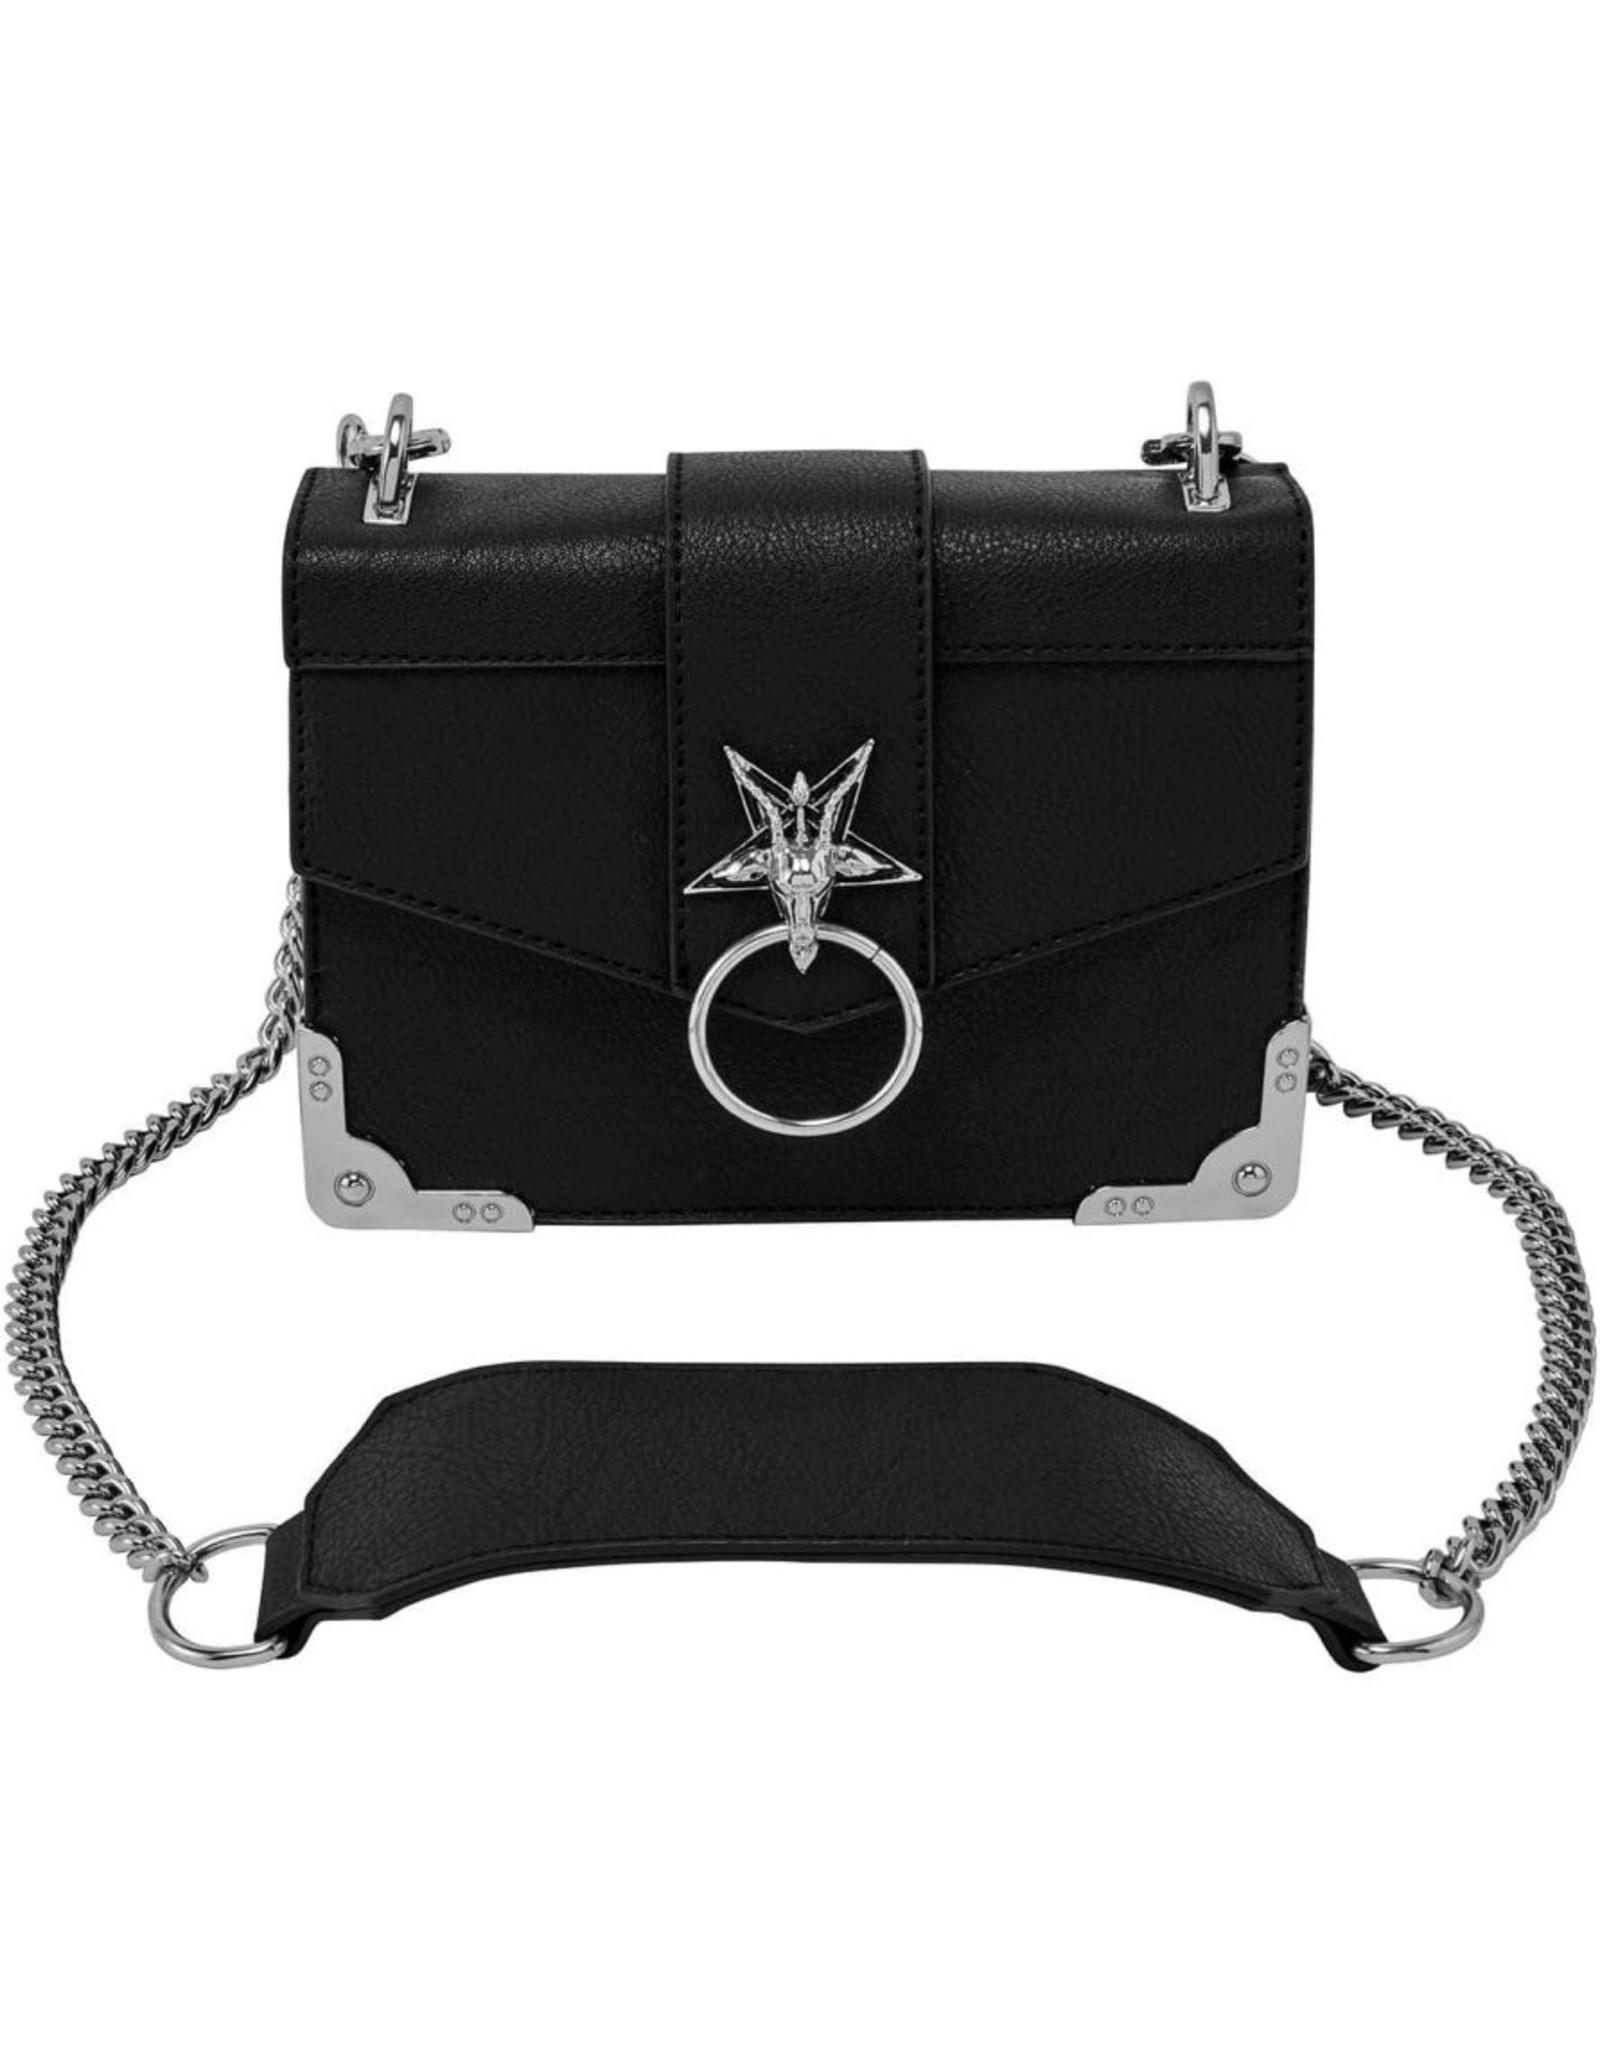 Killstar Killstar bags and accessories - Killstar Baphomet handbag Fire Me Up